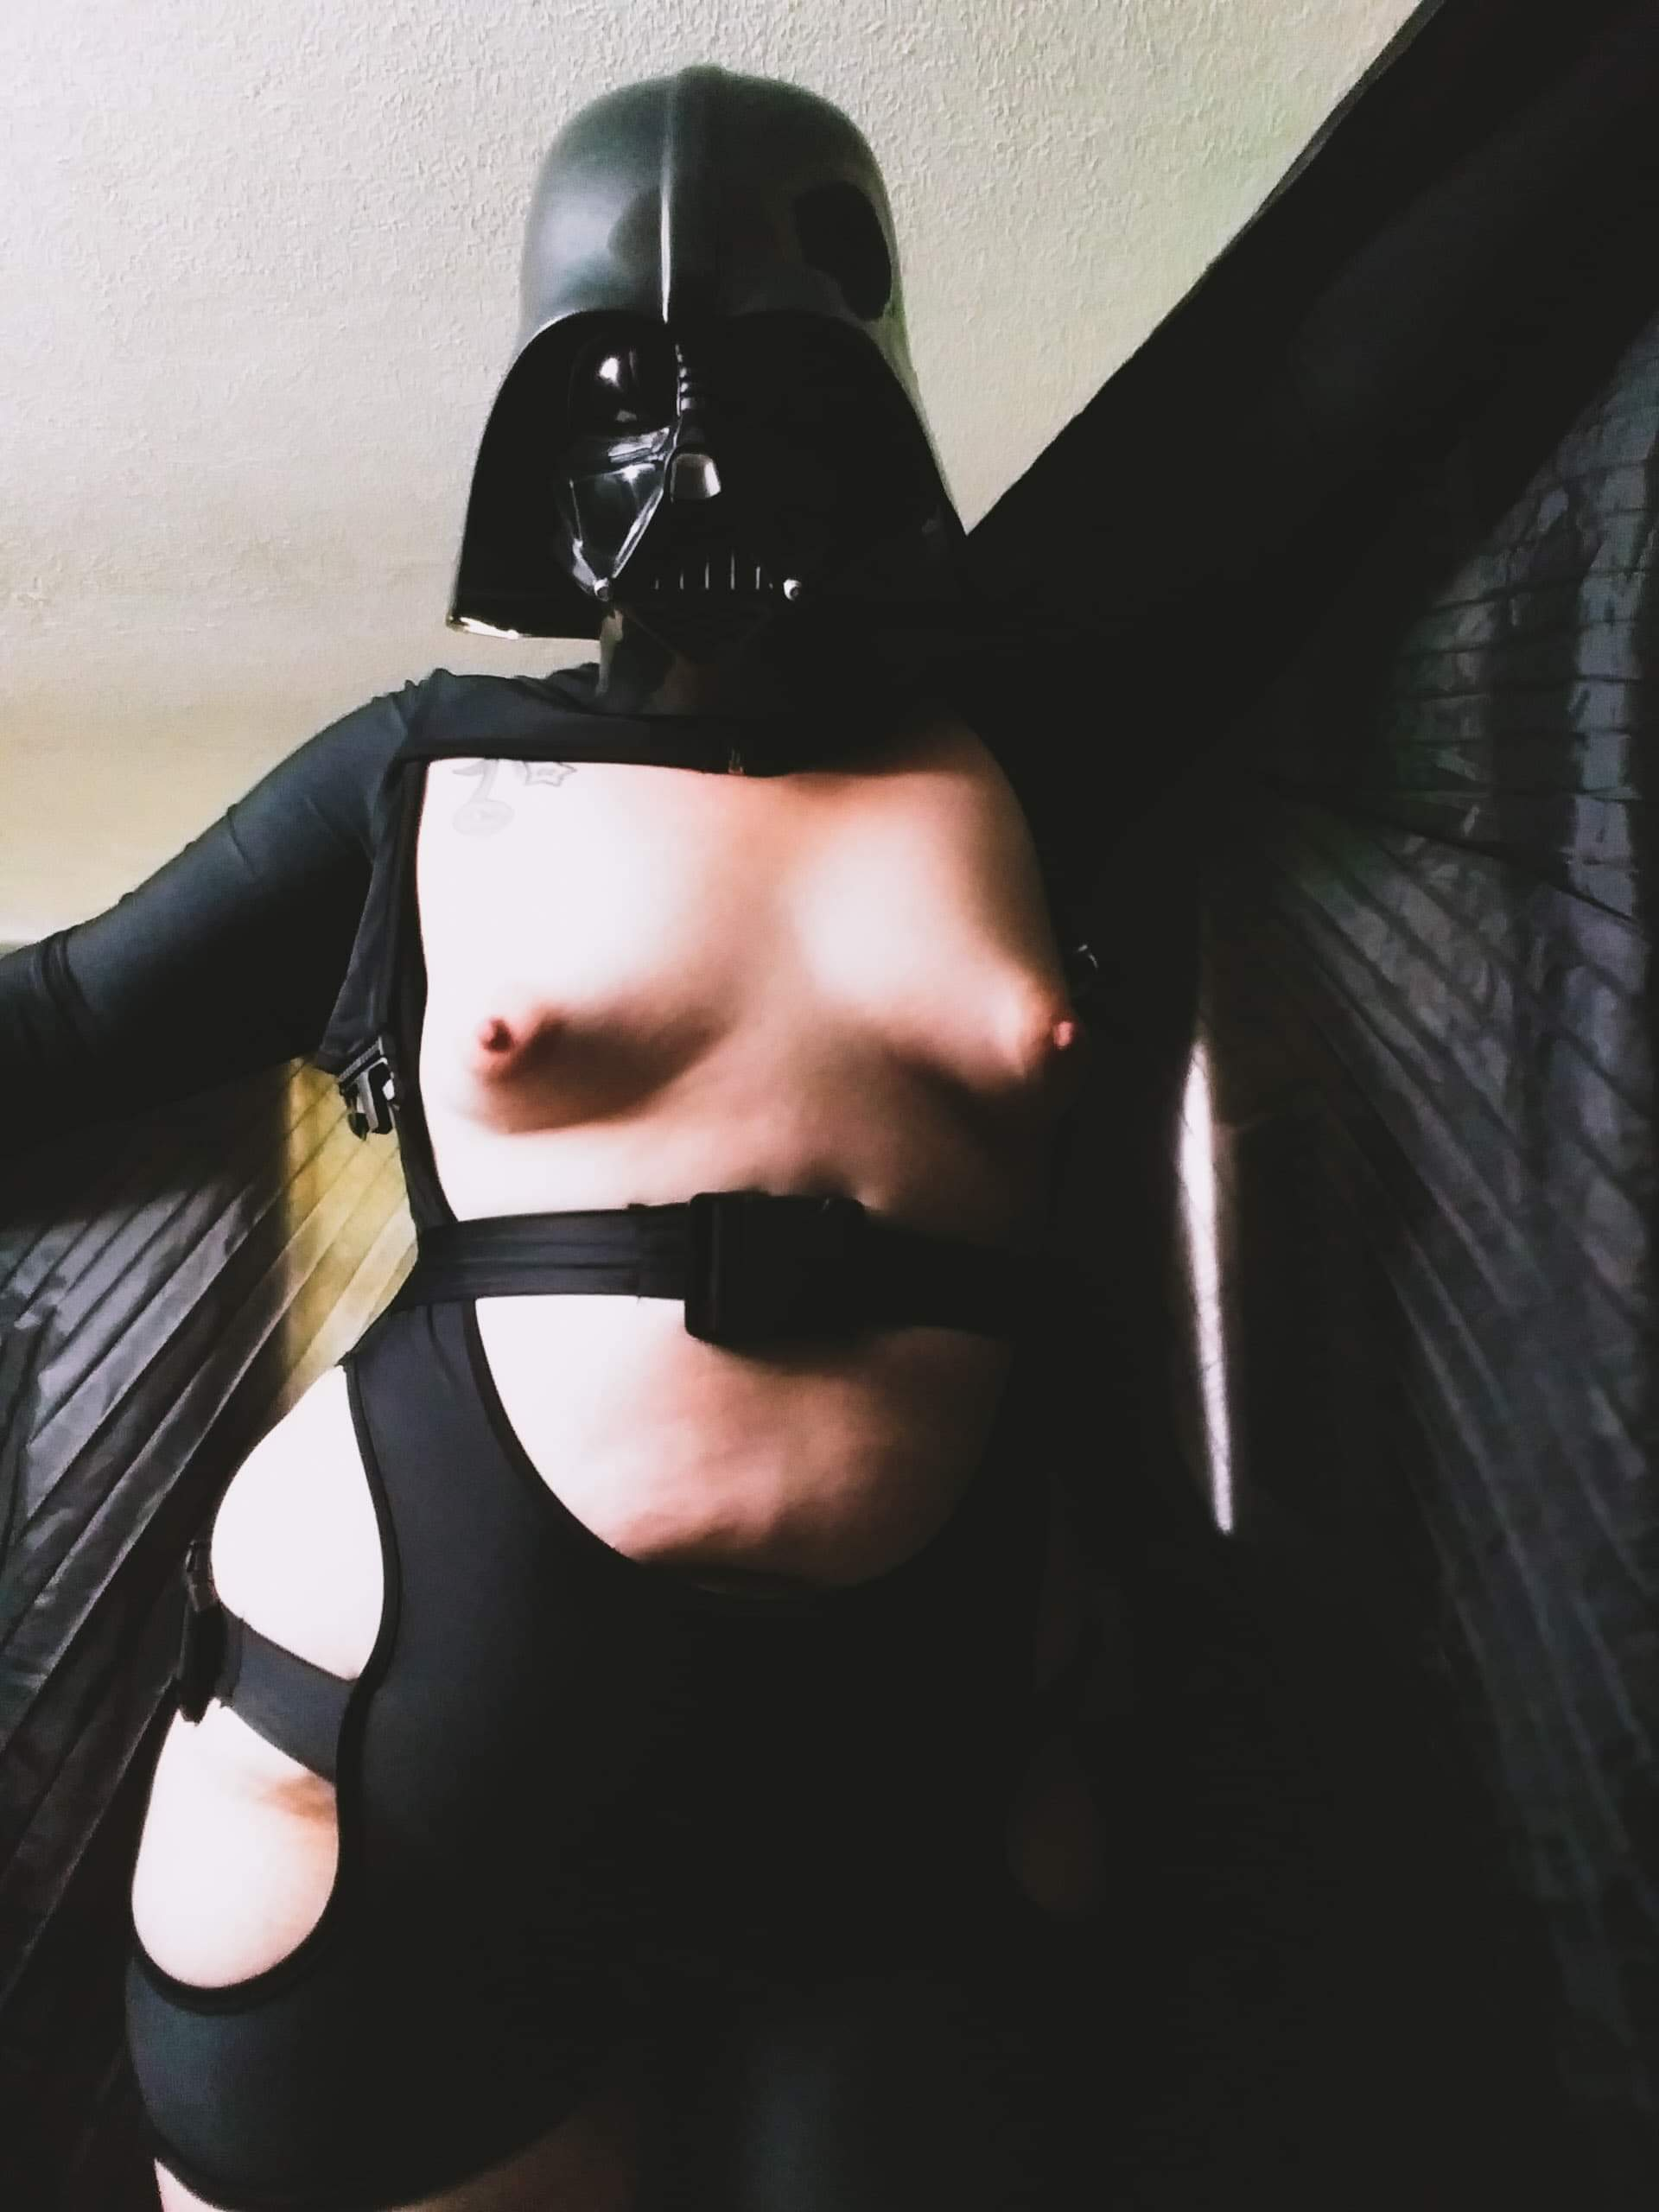 Crush Malaise As Darth Vader